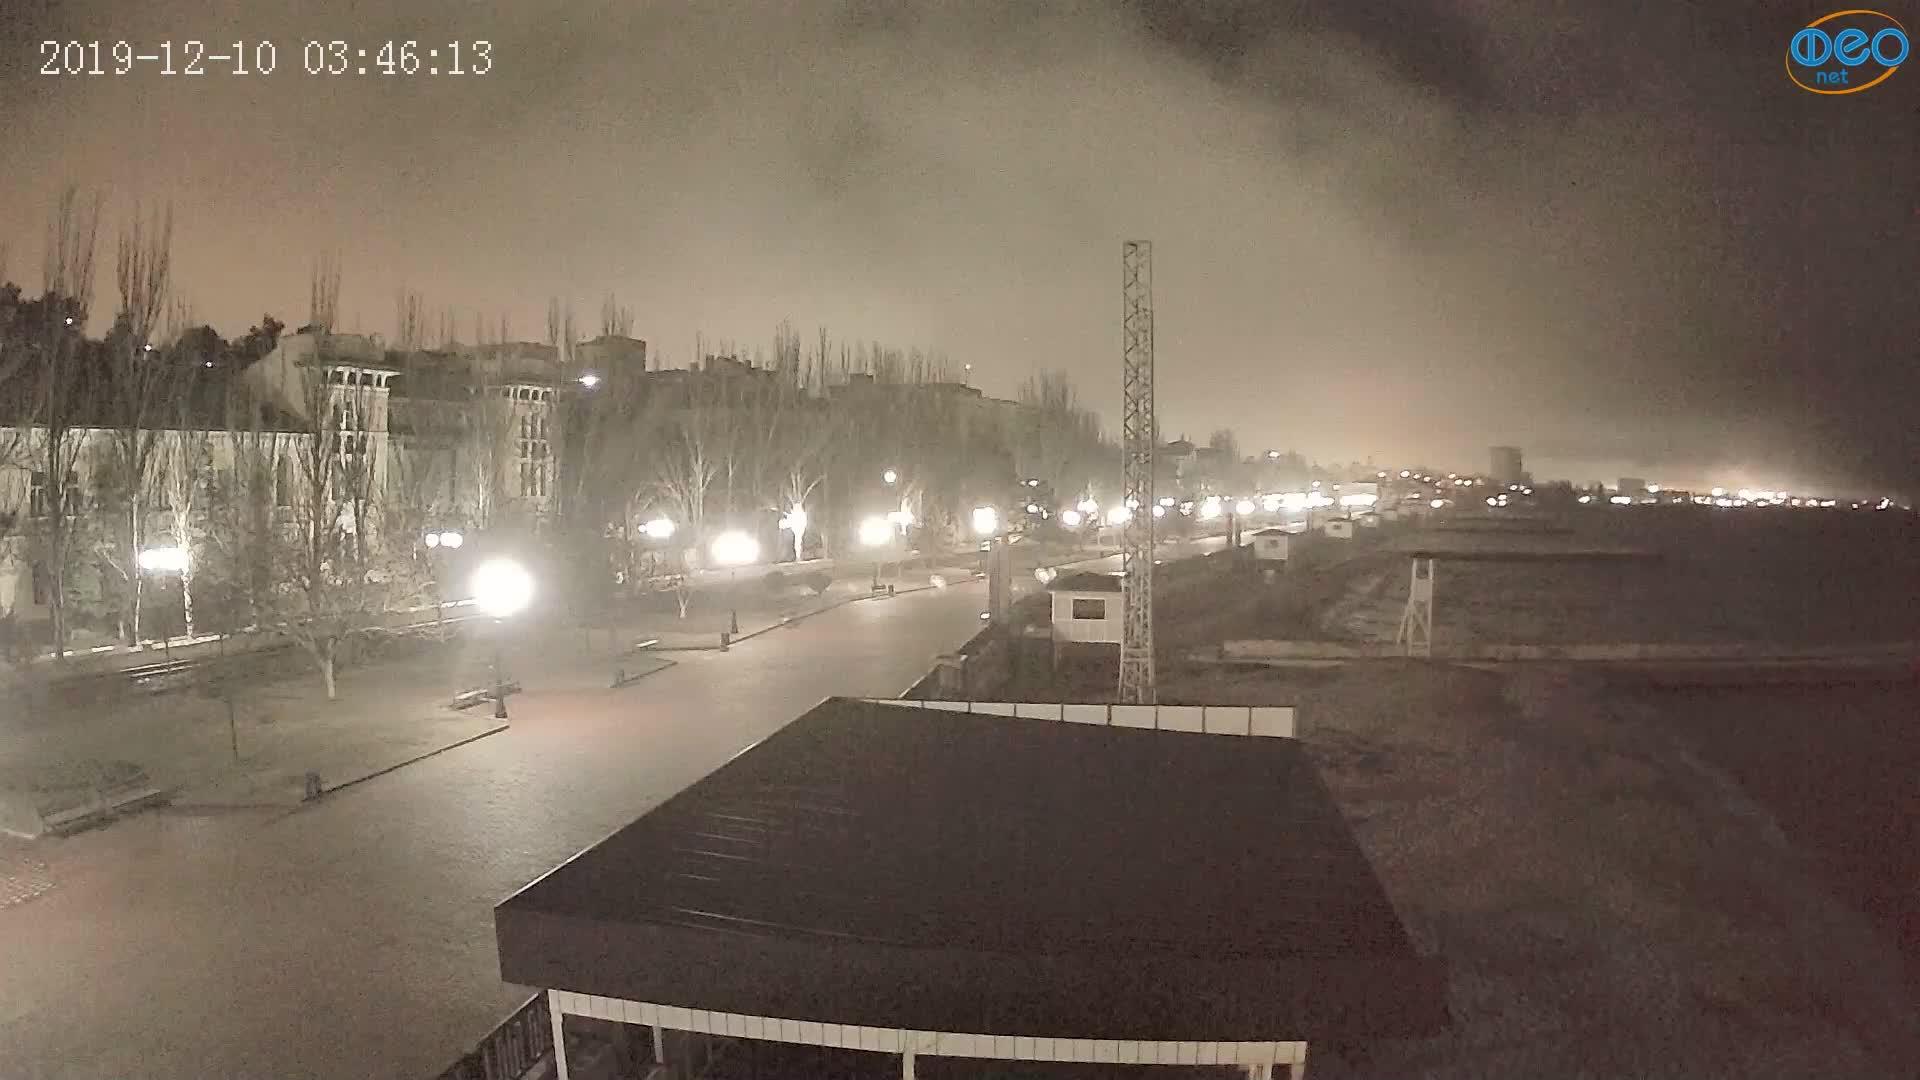 Веб-камеры Феодосии, Пляж Камешки, 2019-12-10 03:46:39